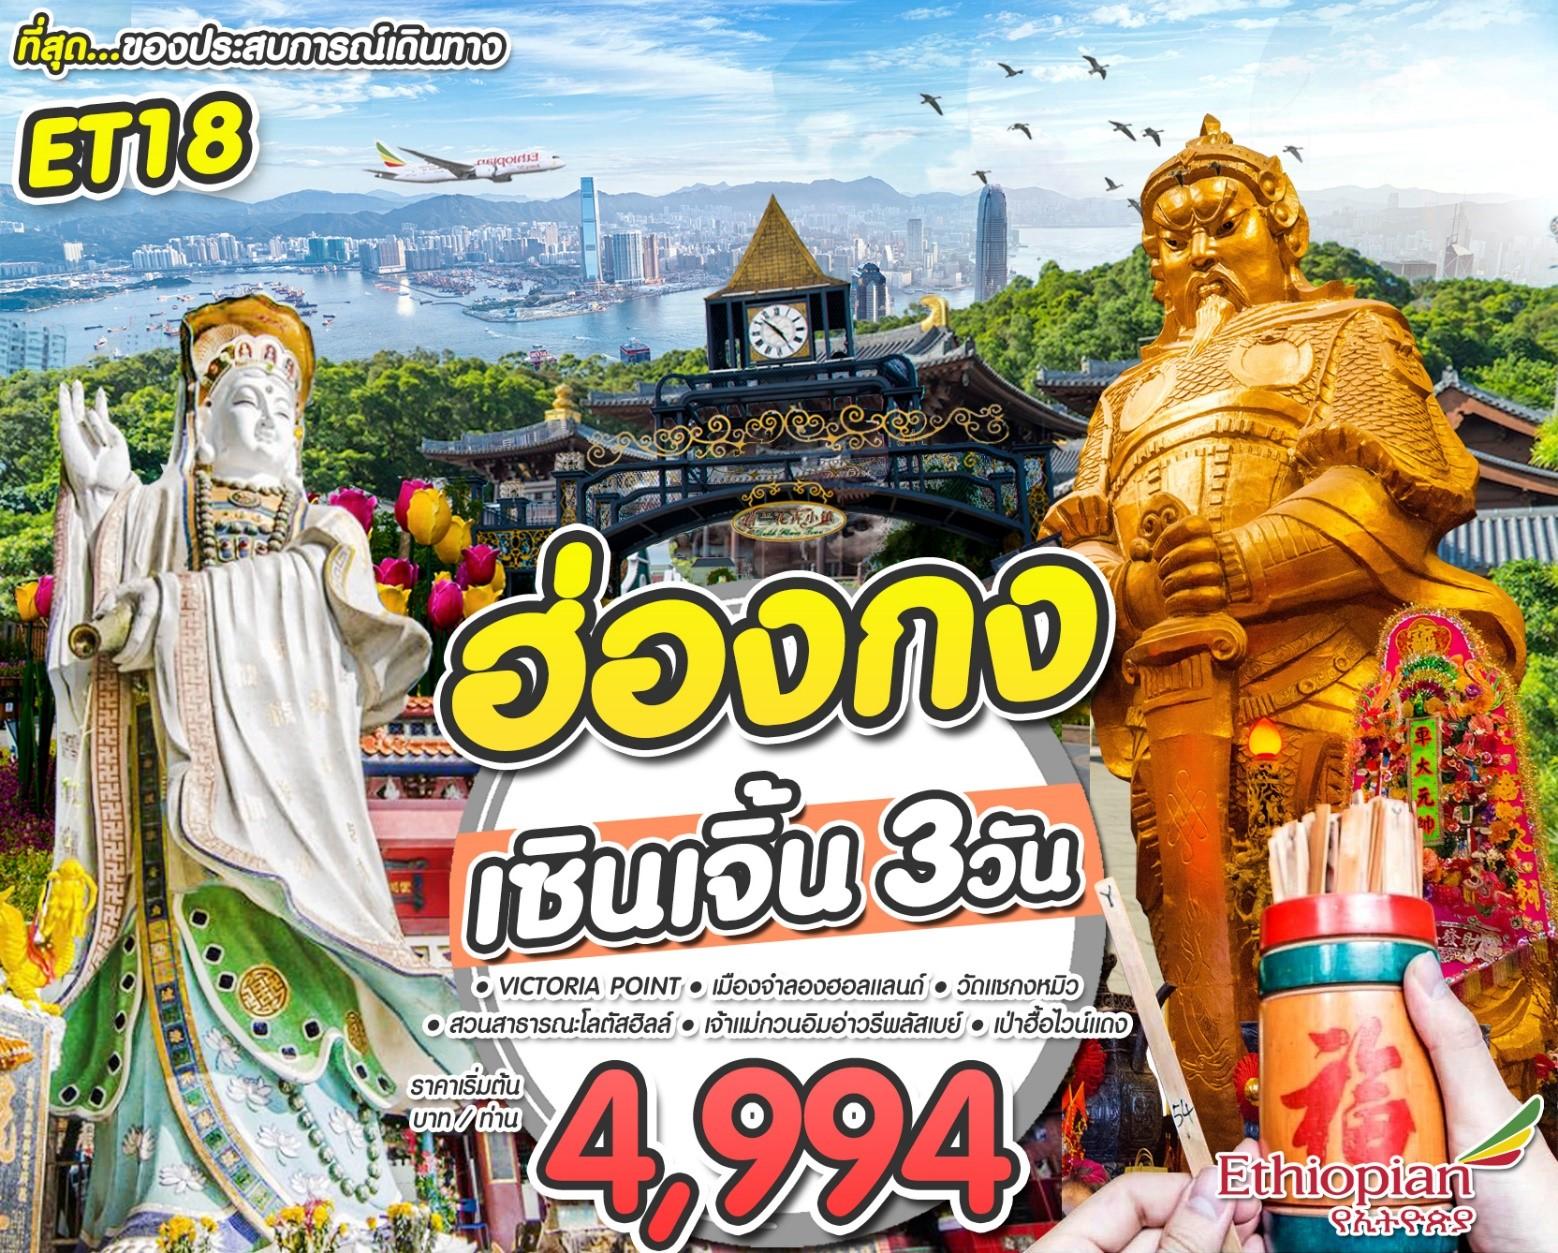 ทัวร์ฮ่องกง-ฮ่องกง-เซินเจิ้น-3วัน-2คืน-(NOV18)-ET18